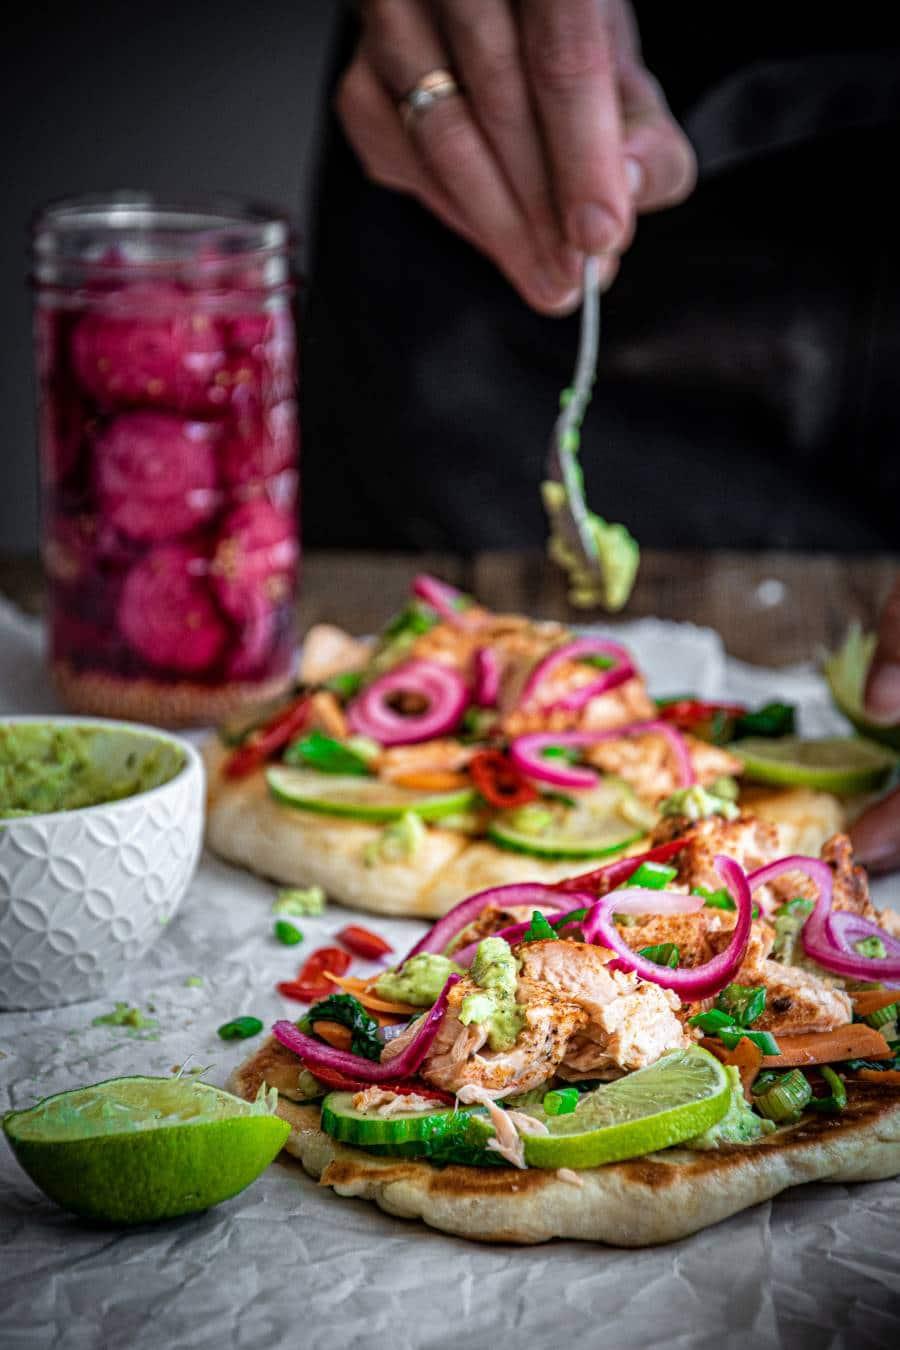 Naanbrot mit Lachs, Avocado und Spinat